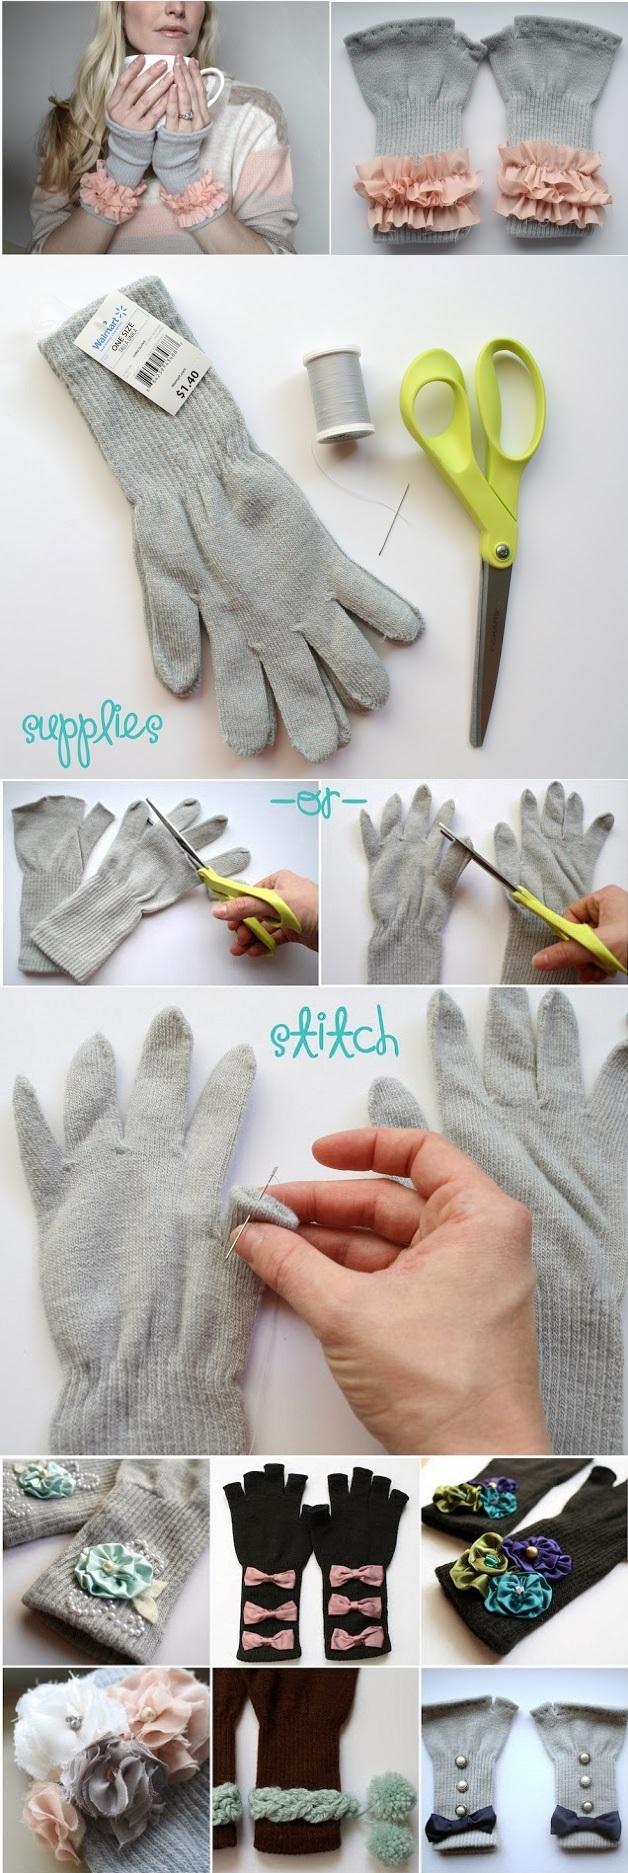 Fingerless gloves diy - Pretty Fingerless Gloves Diy 2